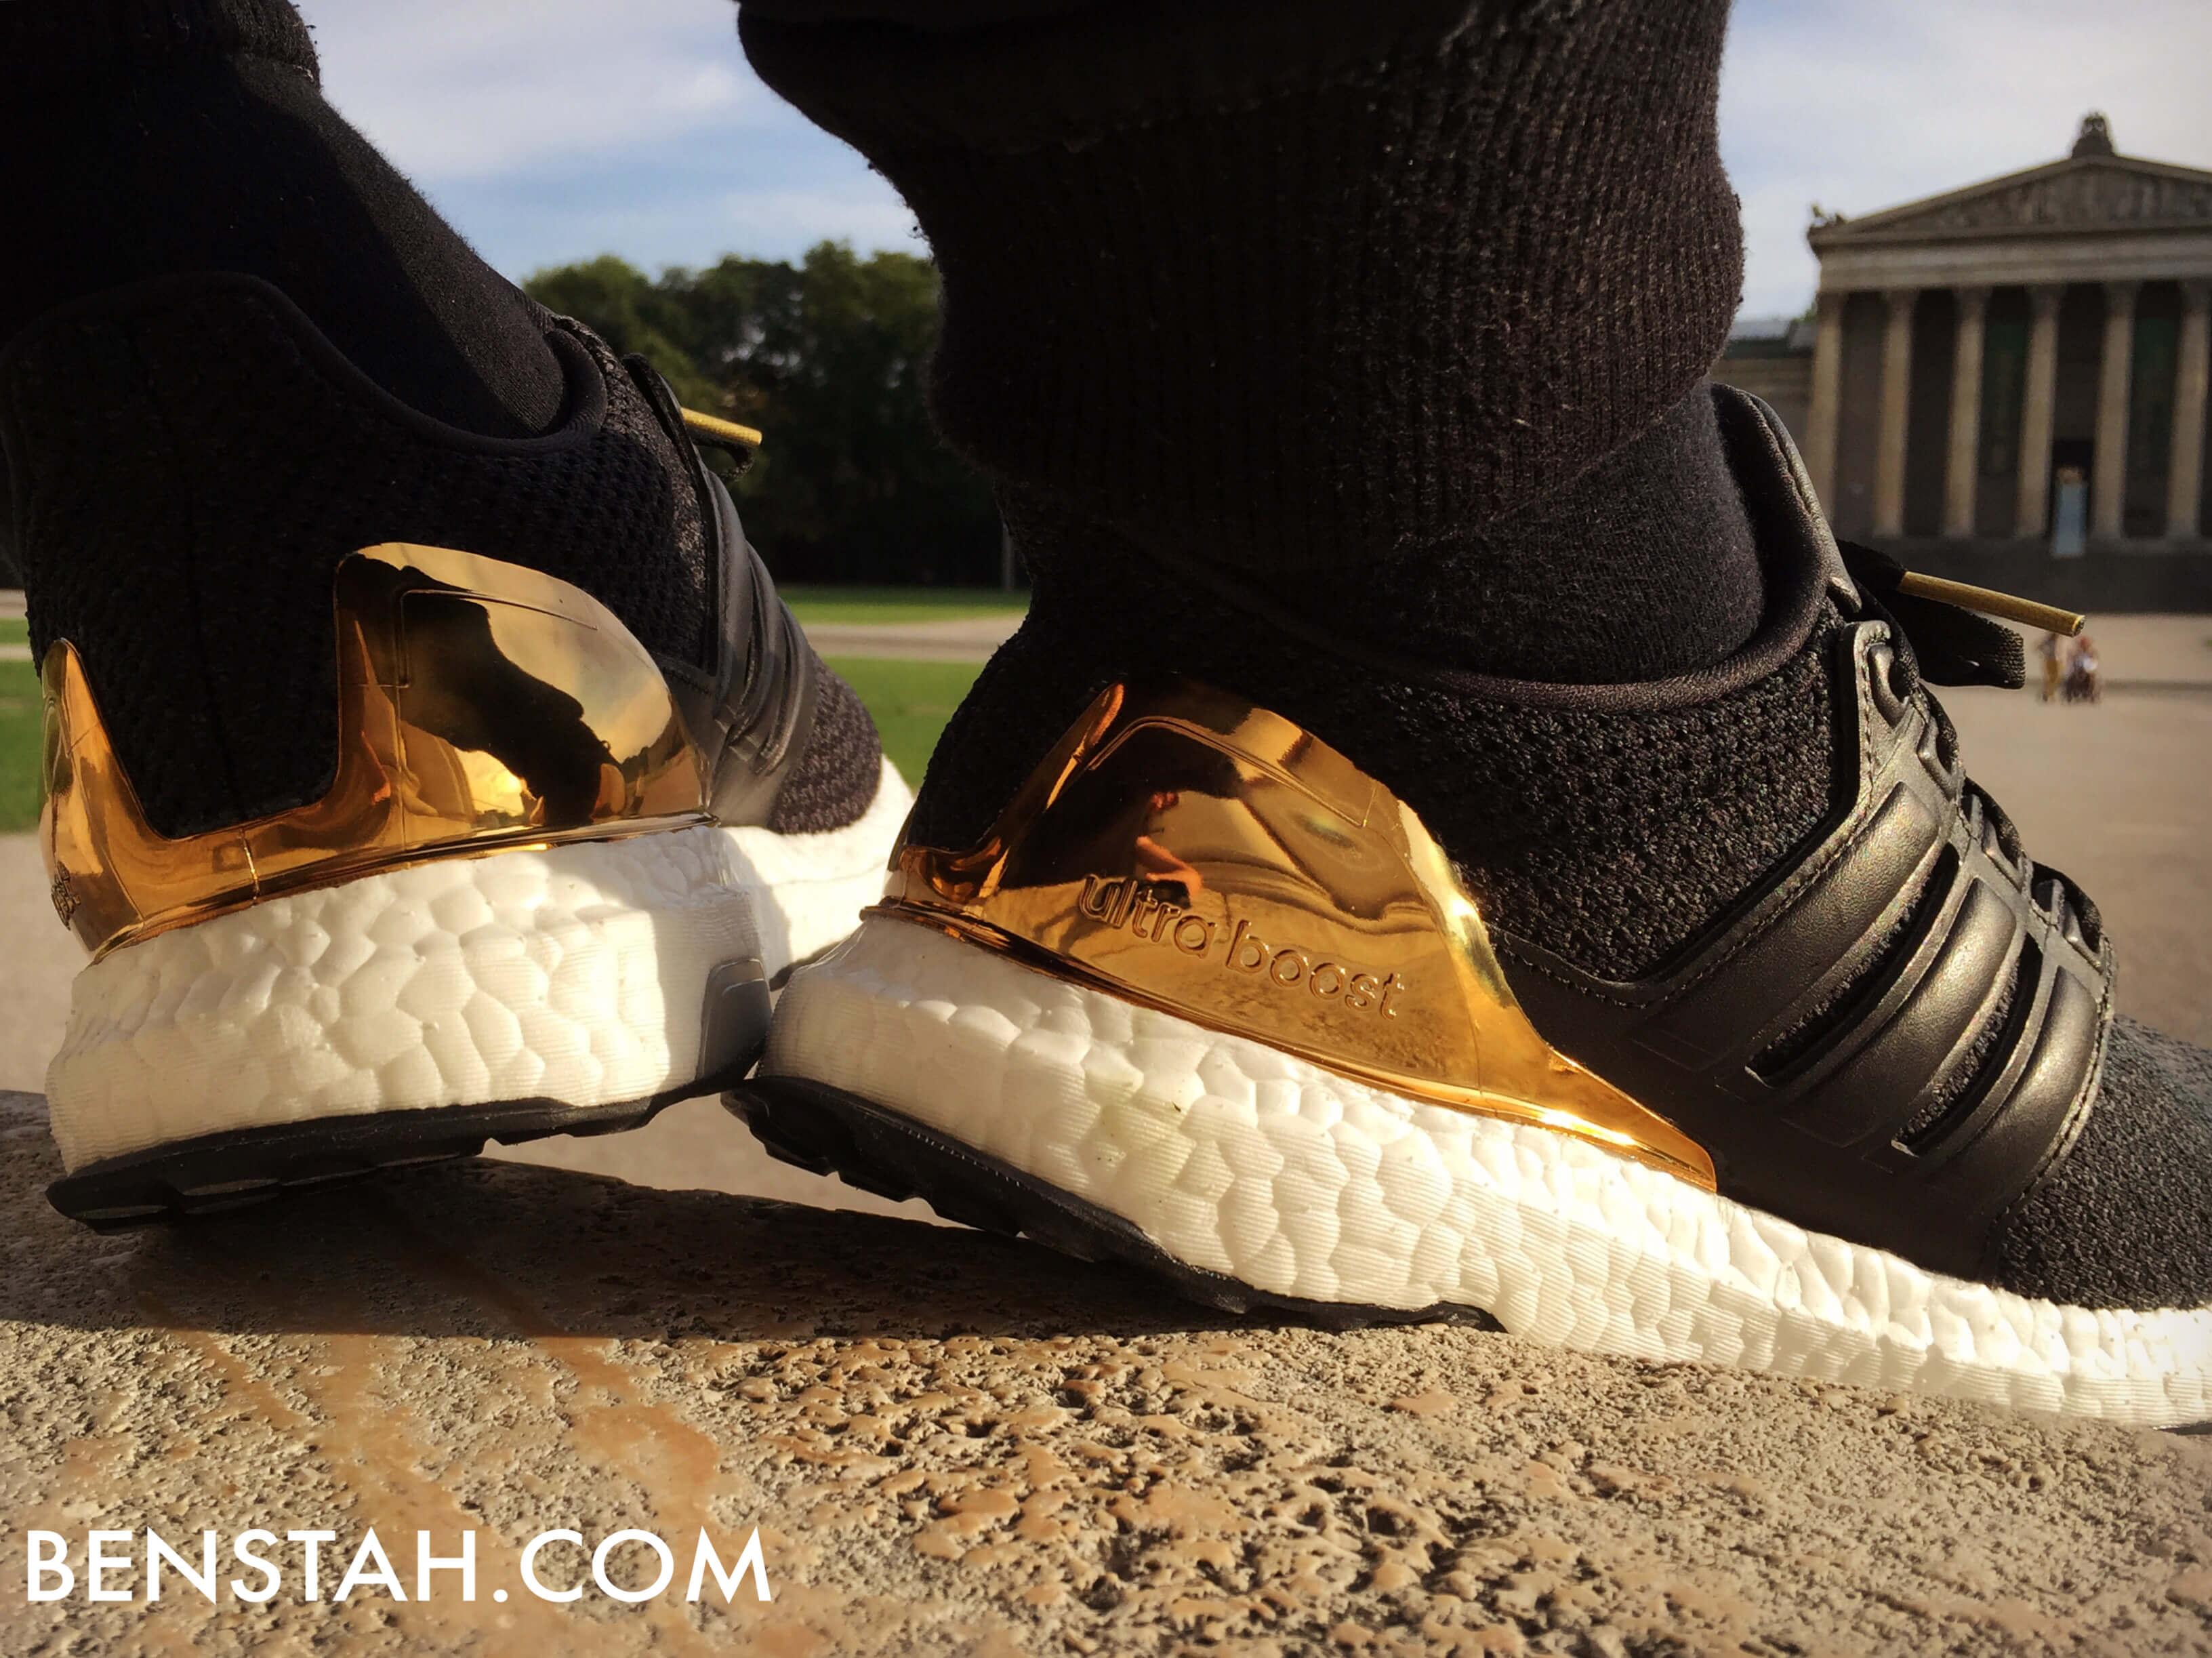 adidas-ultra-boost-gold-medal-rear-view-benstah-onfeet